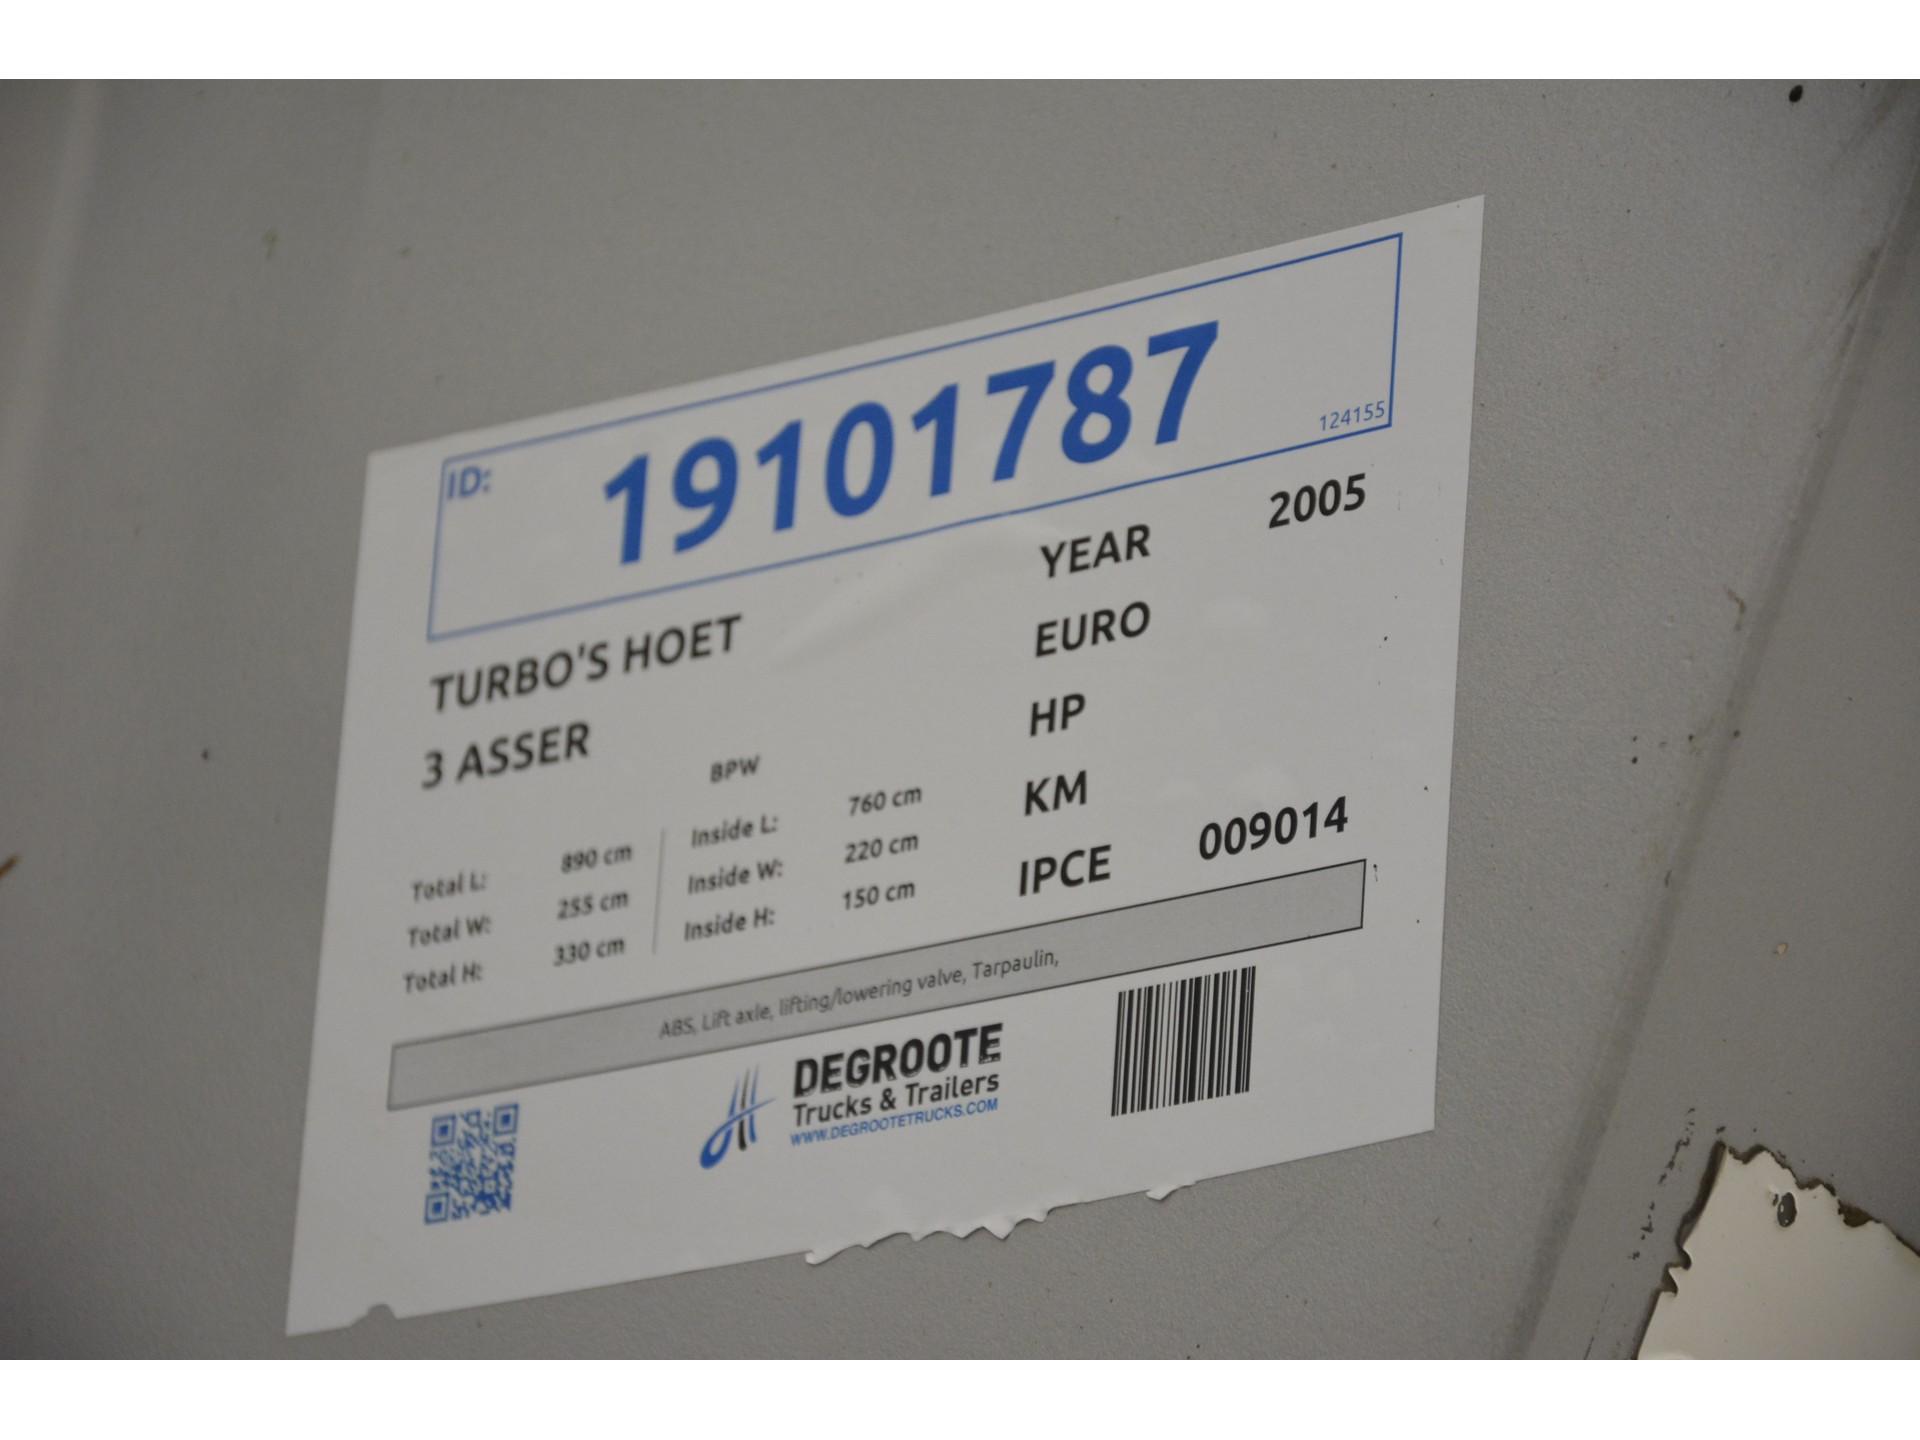 TURBO'S HOET 25 cub in steel